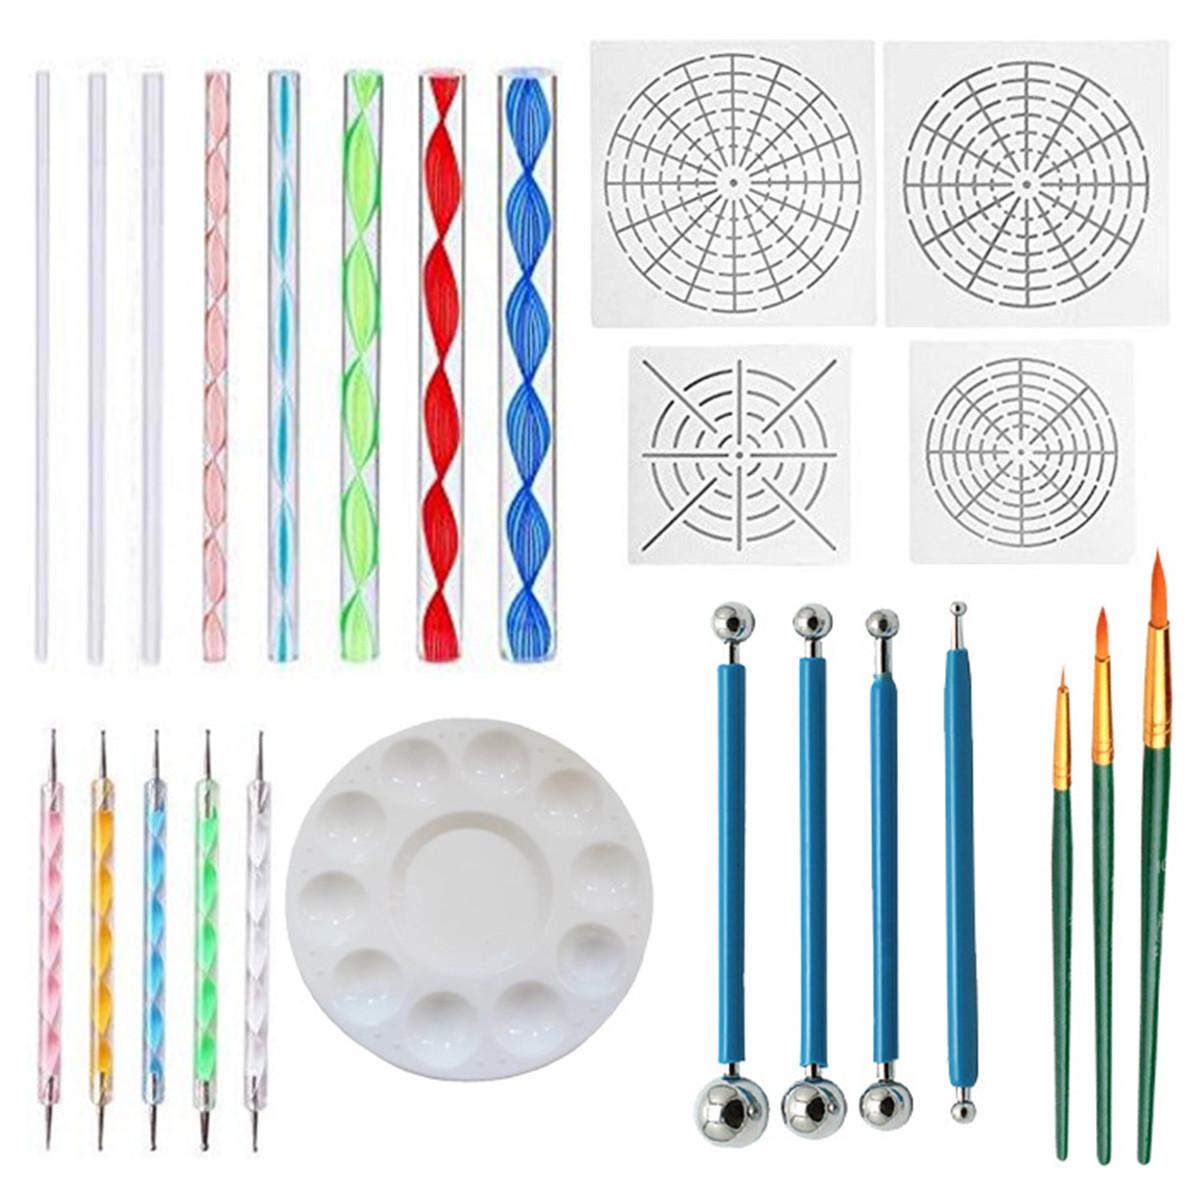 25Pcs Mandala Dotting Tools Rock Painting Kit Dot Nail Art Pen Paint Stencil Set